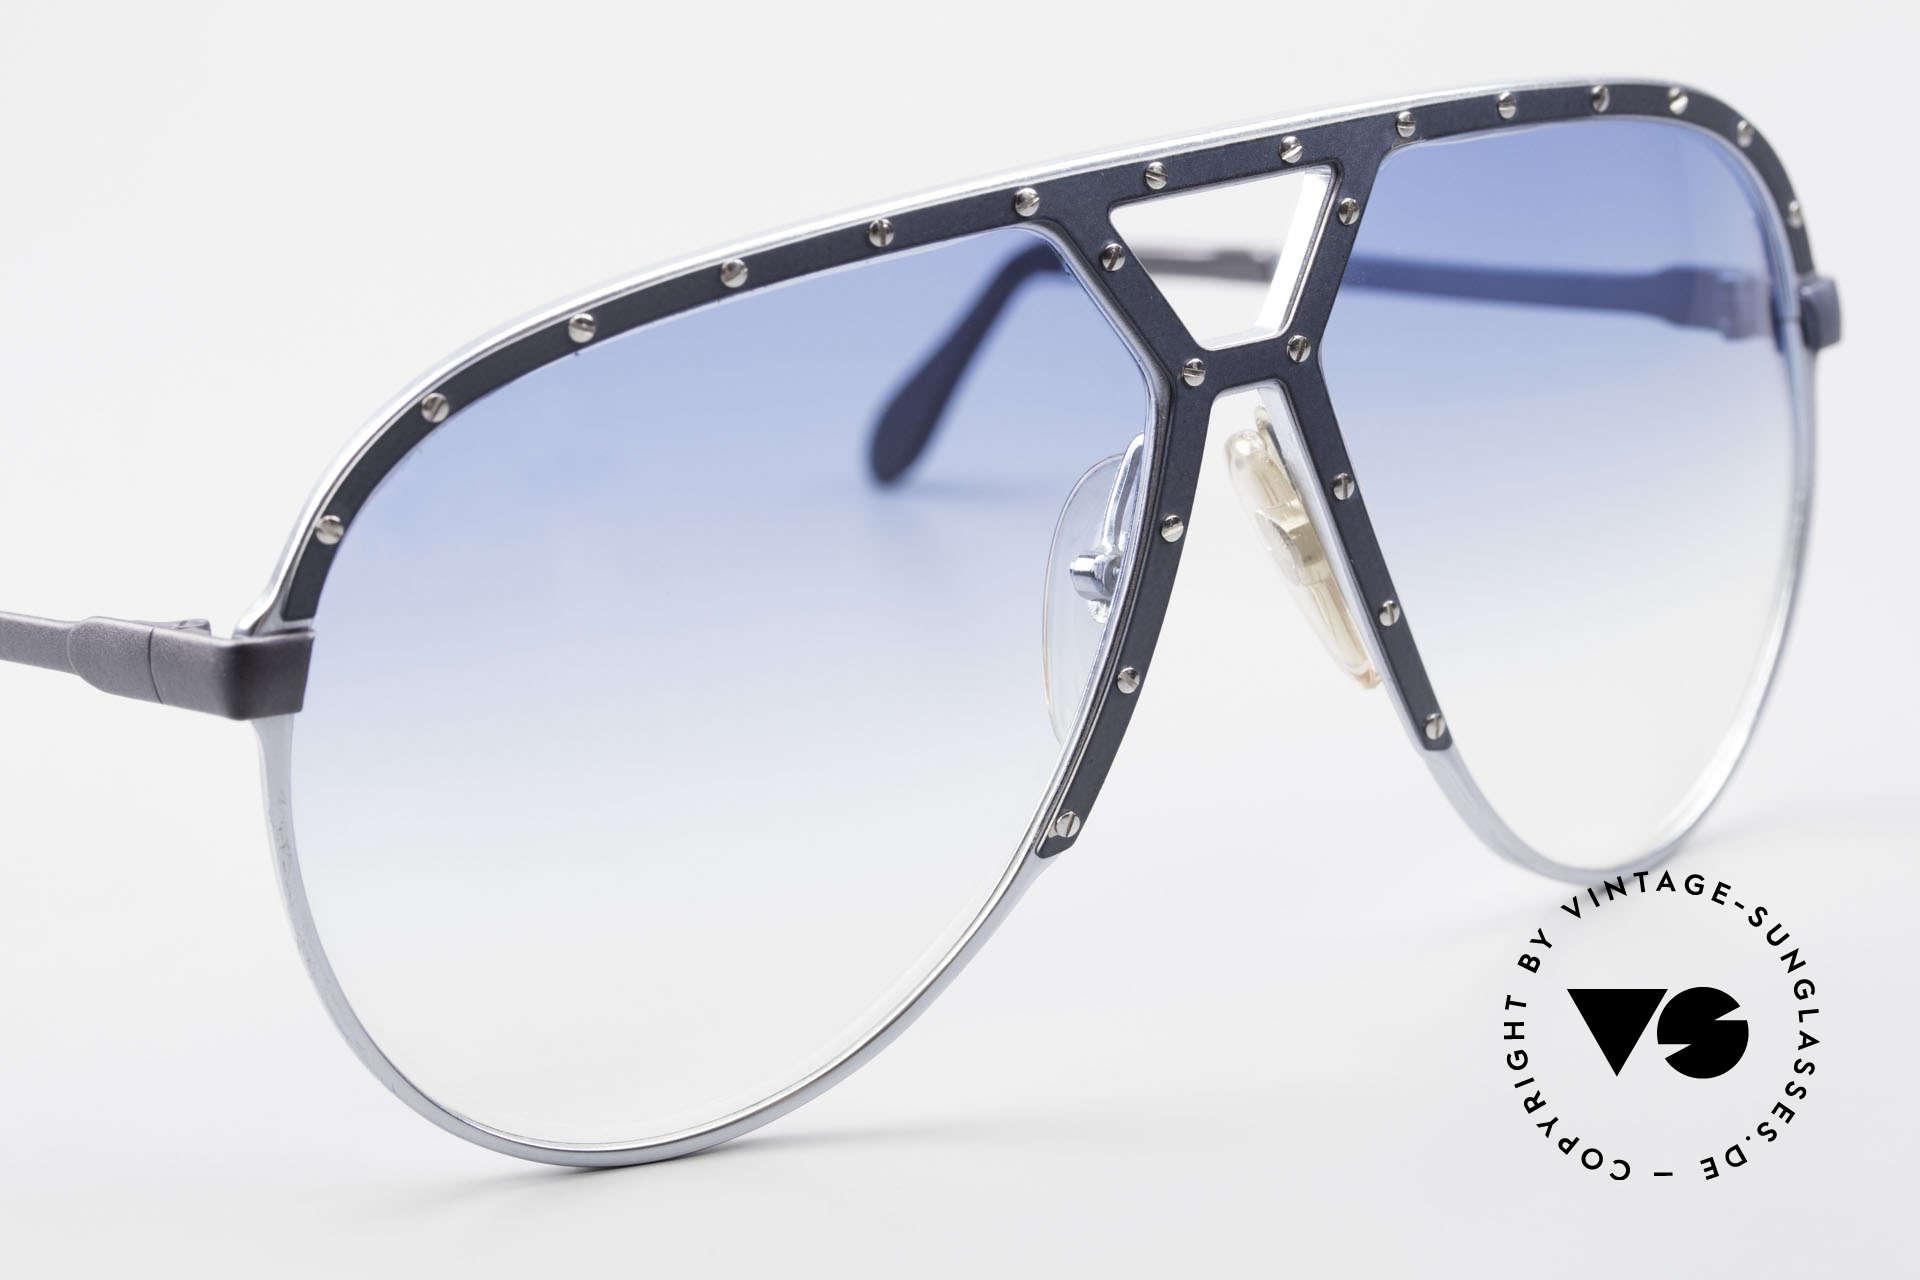 Alpina M1 Erste 80er Generation Brille, dunkel blau/graue Blende mit silbernen Schrauben, Passend für Herren